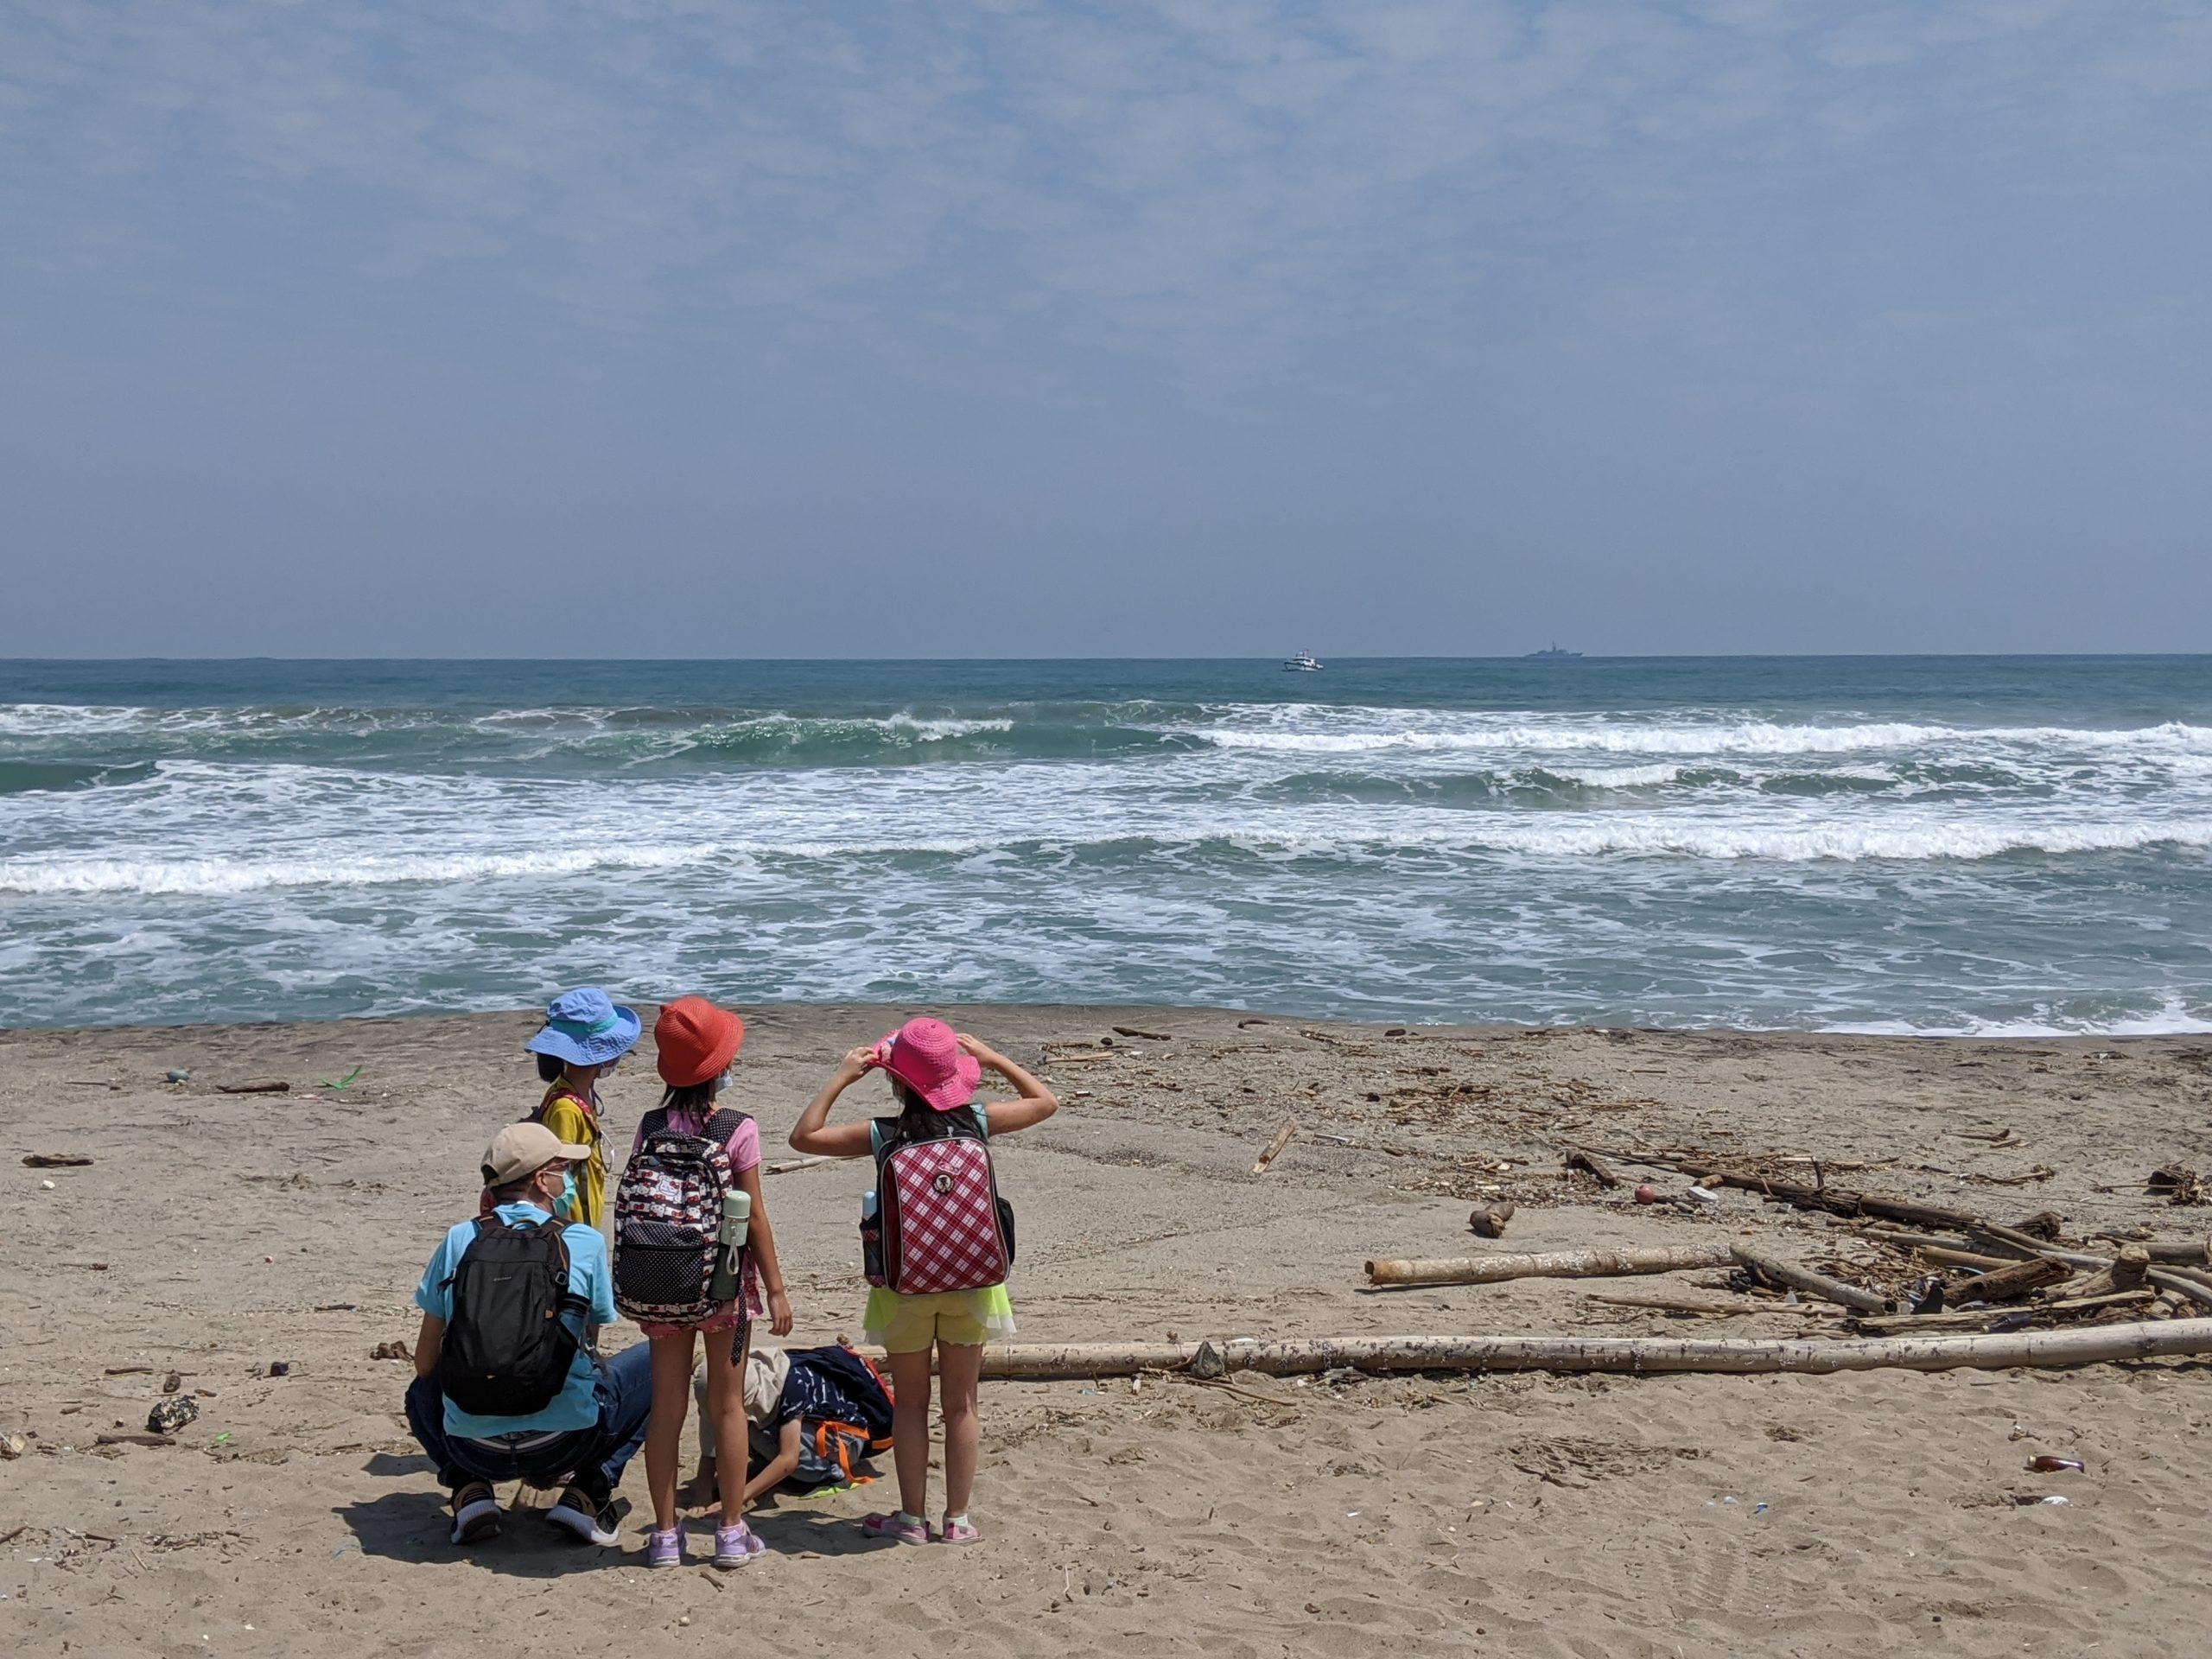 【2020 Fall-W2-1 自學專案】海灘原來長這樣